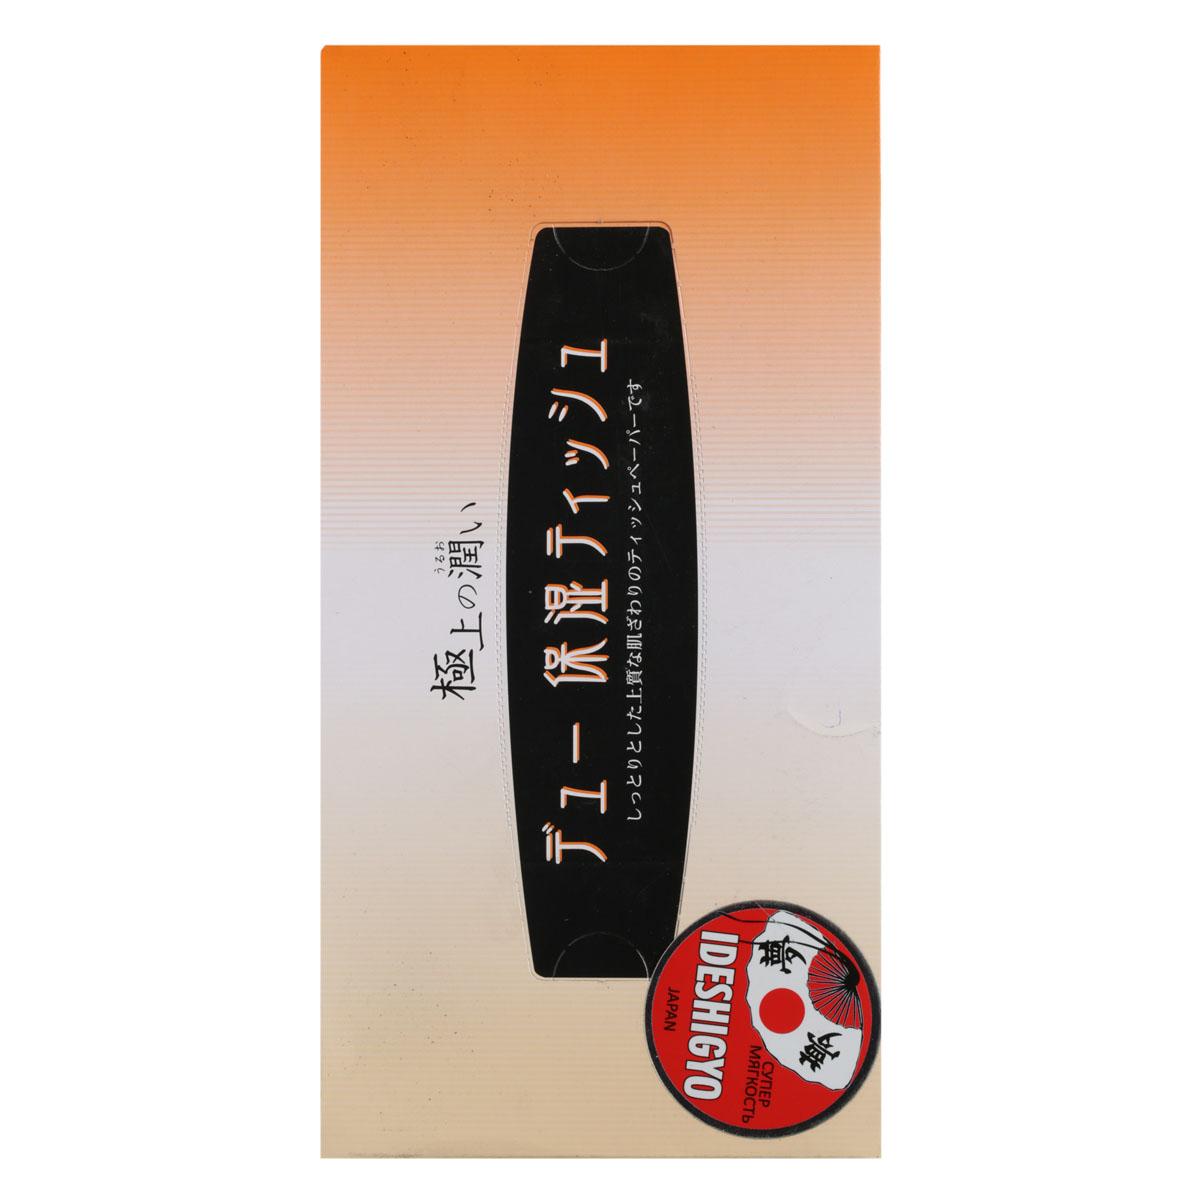 Салфетки бумажные IDESHIGYO DUE, 2-х слойные, 180 шт01316Салфетки Ideshigyo изготовляются по адаптированной технологии, подобно старинному японскому способу производства бумаги путем ручного процеживания. / Мягкая воздушная текстура салфеток Ideshigyo обеспечивает вам нежное прикосновение. При производстве салфеток используется вода из глубоких под-земных источников близ г. Фудзи, что гарантирует безопасность ис-пользования. / Благодаря удобной упаковке салфетки помогут вам в любой си-туации и в любом месте, а сочетание черного и витаминно-оранжевого поднимет вам настроение. / Для сохранения гибкости бумаги и мягкости текстуры высота коробки увеличена до 55 мм (в отличие от 50 мм у других предприятий). / Состав: 100% целлюлоза.